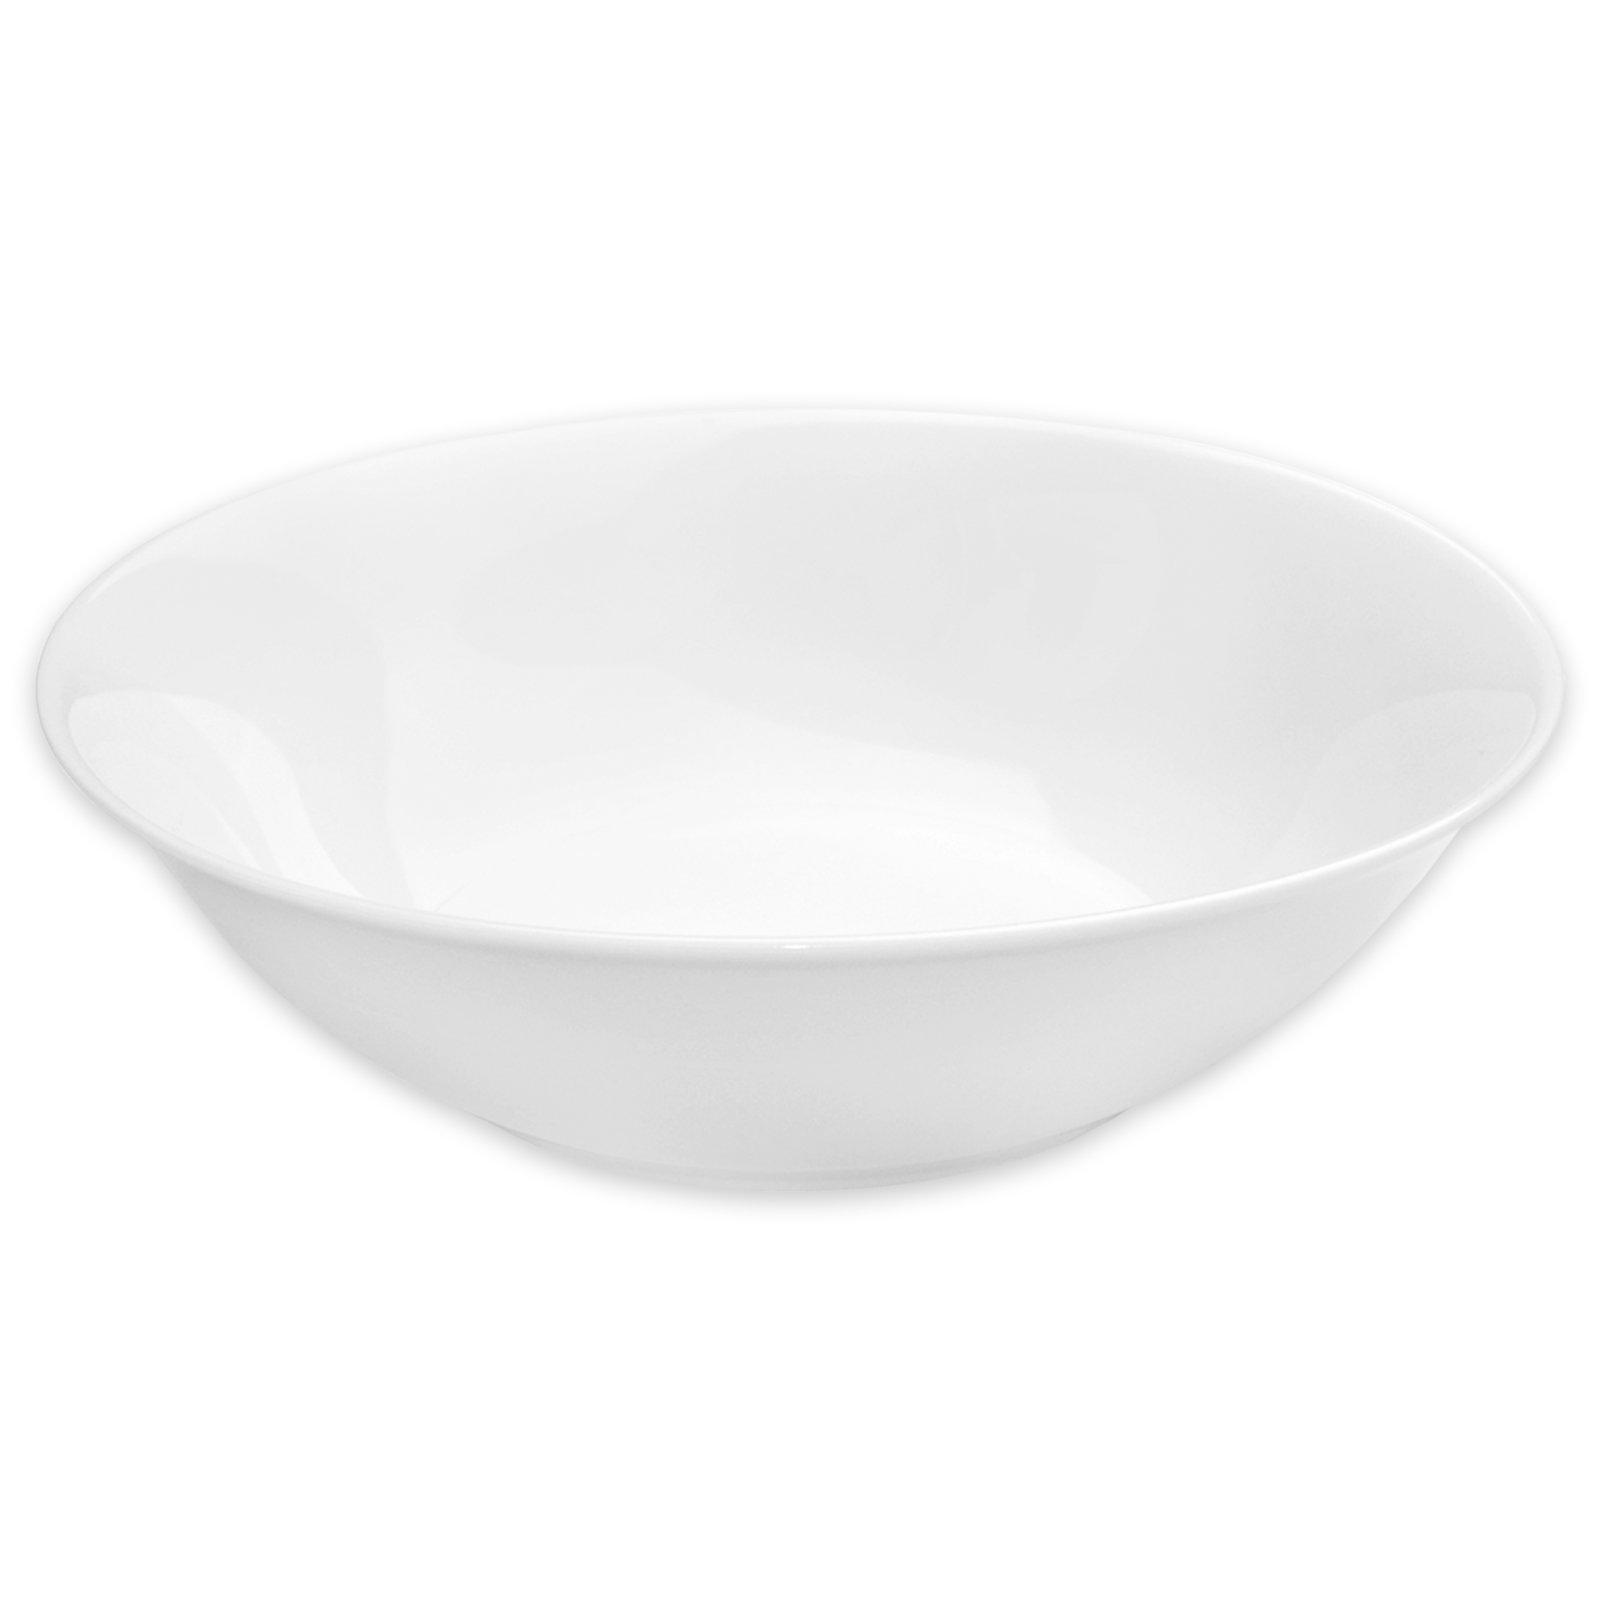 Müslischale MOLTO BENE - weiß - Porzellan - Ø 23 cm